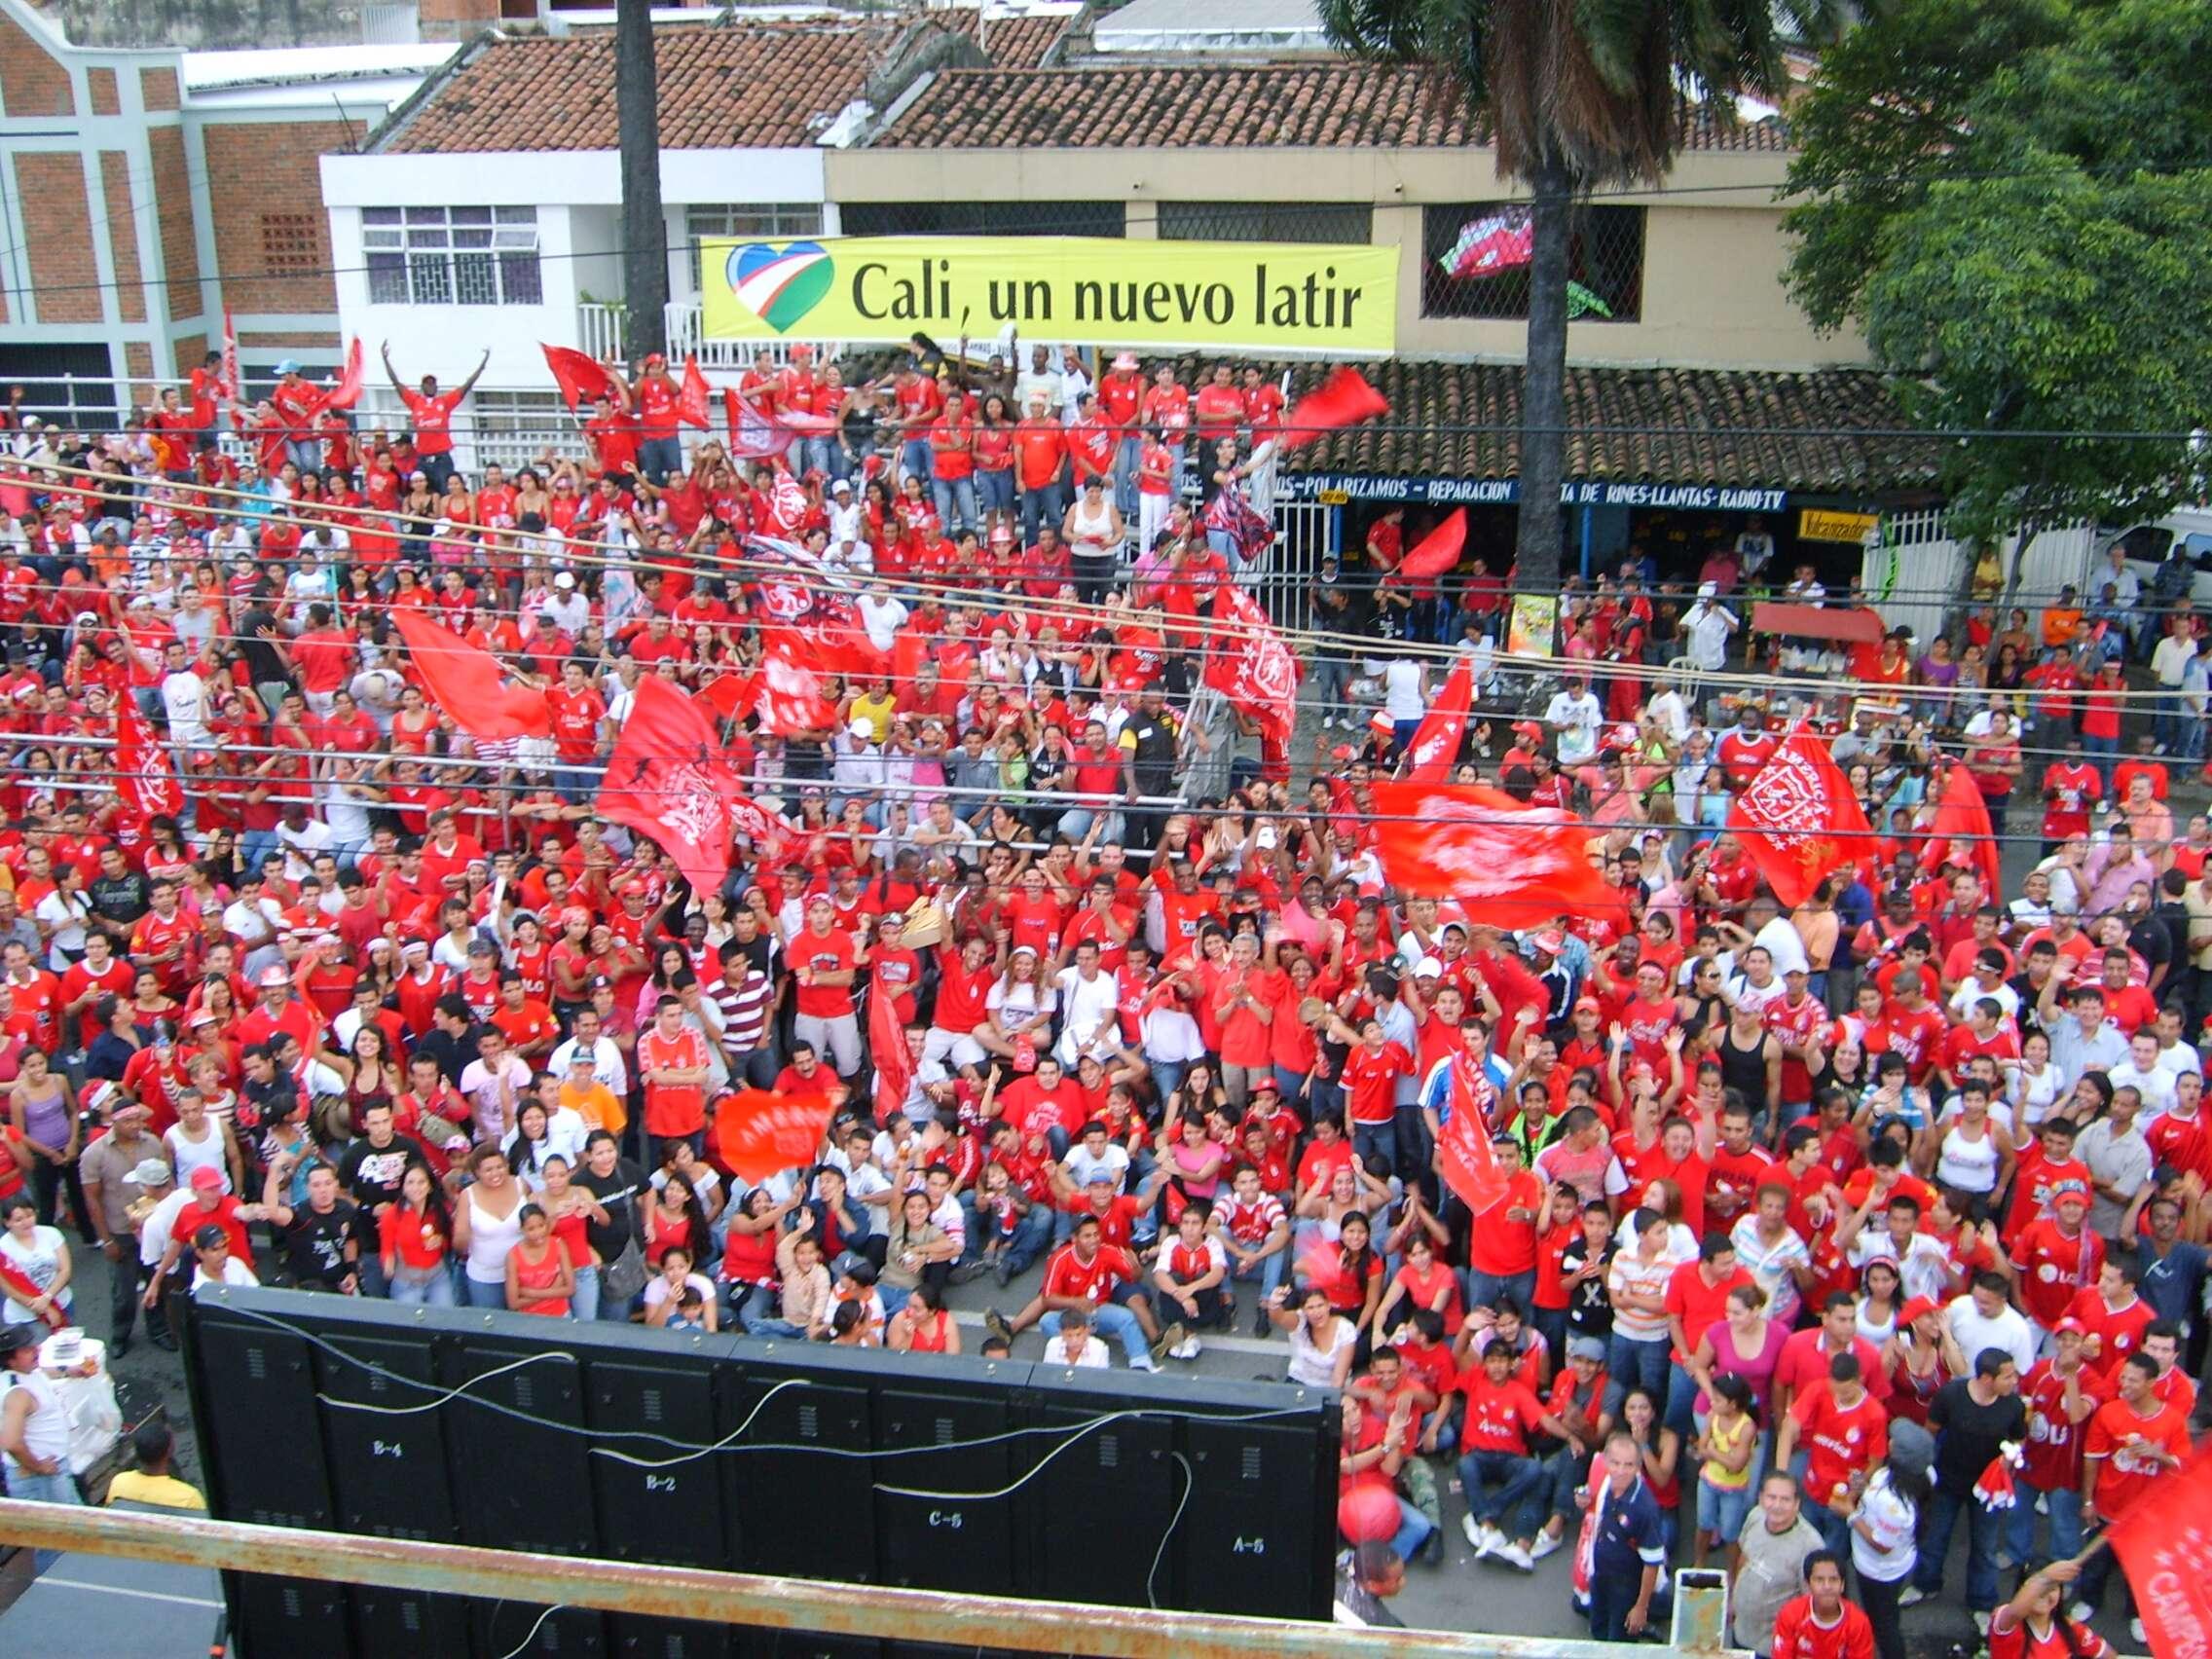 Feria de Cali, Colombia 2008